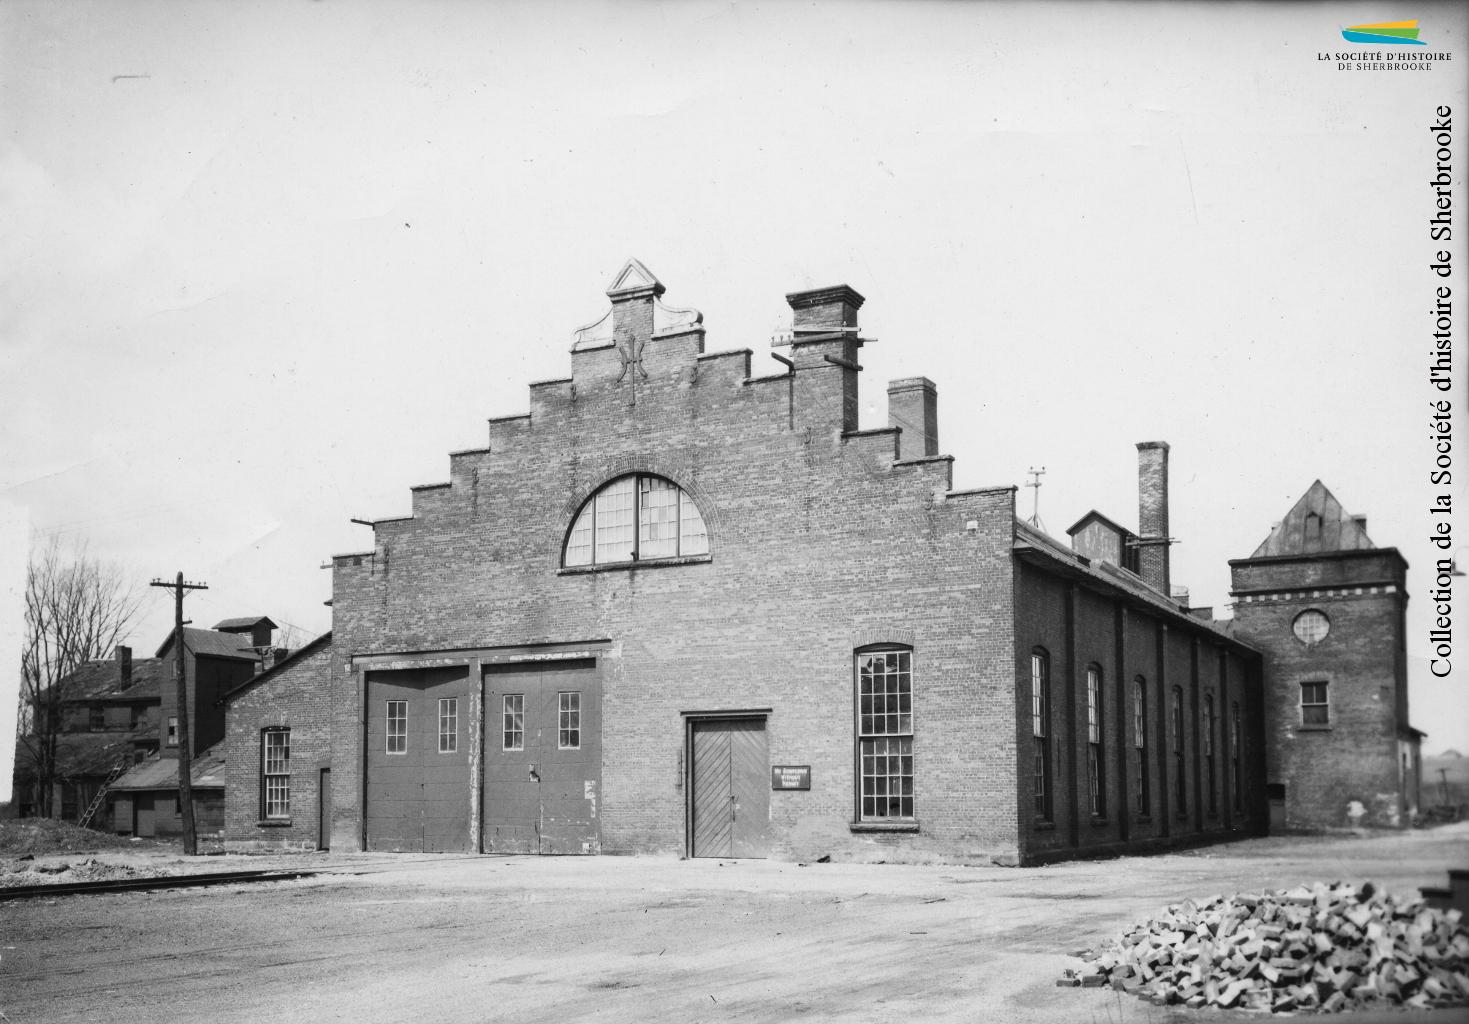 Construit pour l'usine de viande de la <em>Canadian Meat & Produce Company</em> en 1875, le bâtiment est acheté par le <em>Quebec Central railway</em> en 1882. De 1940 à 1946, il servira de camp d'internement pour des ressortissants allemands. Photo: années 1910.